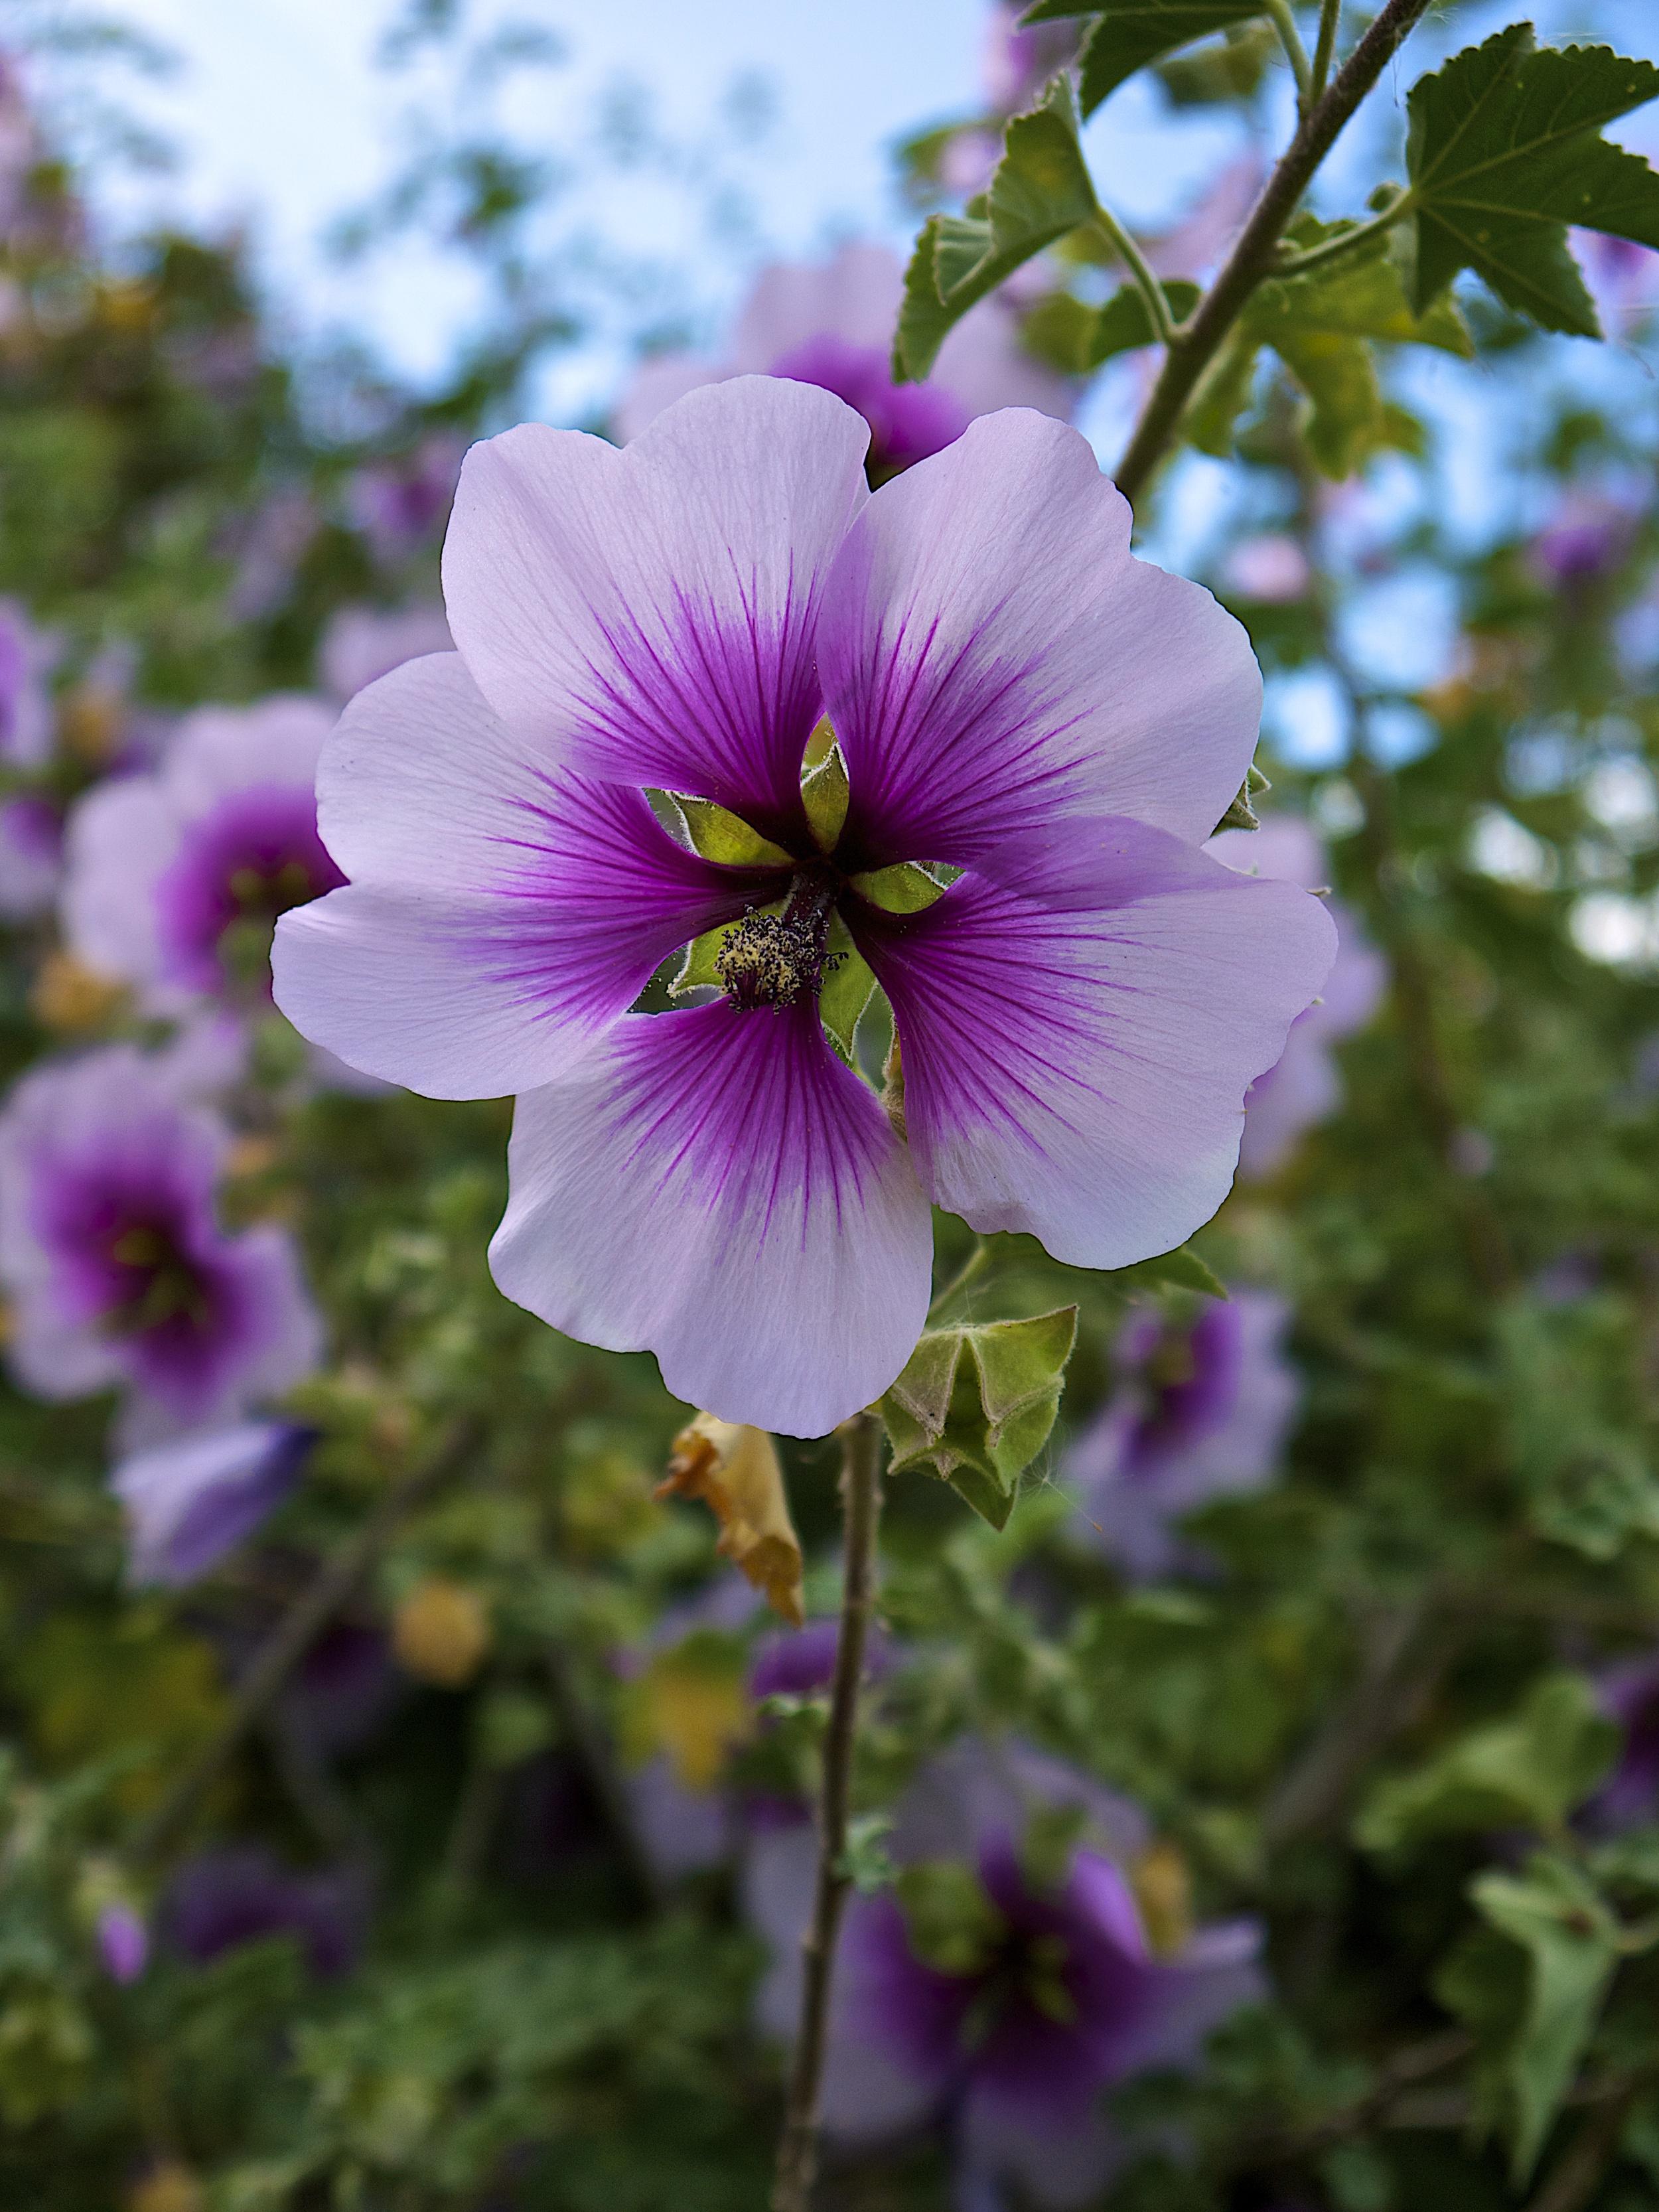 Flowerlingus